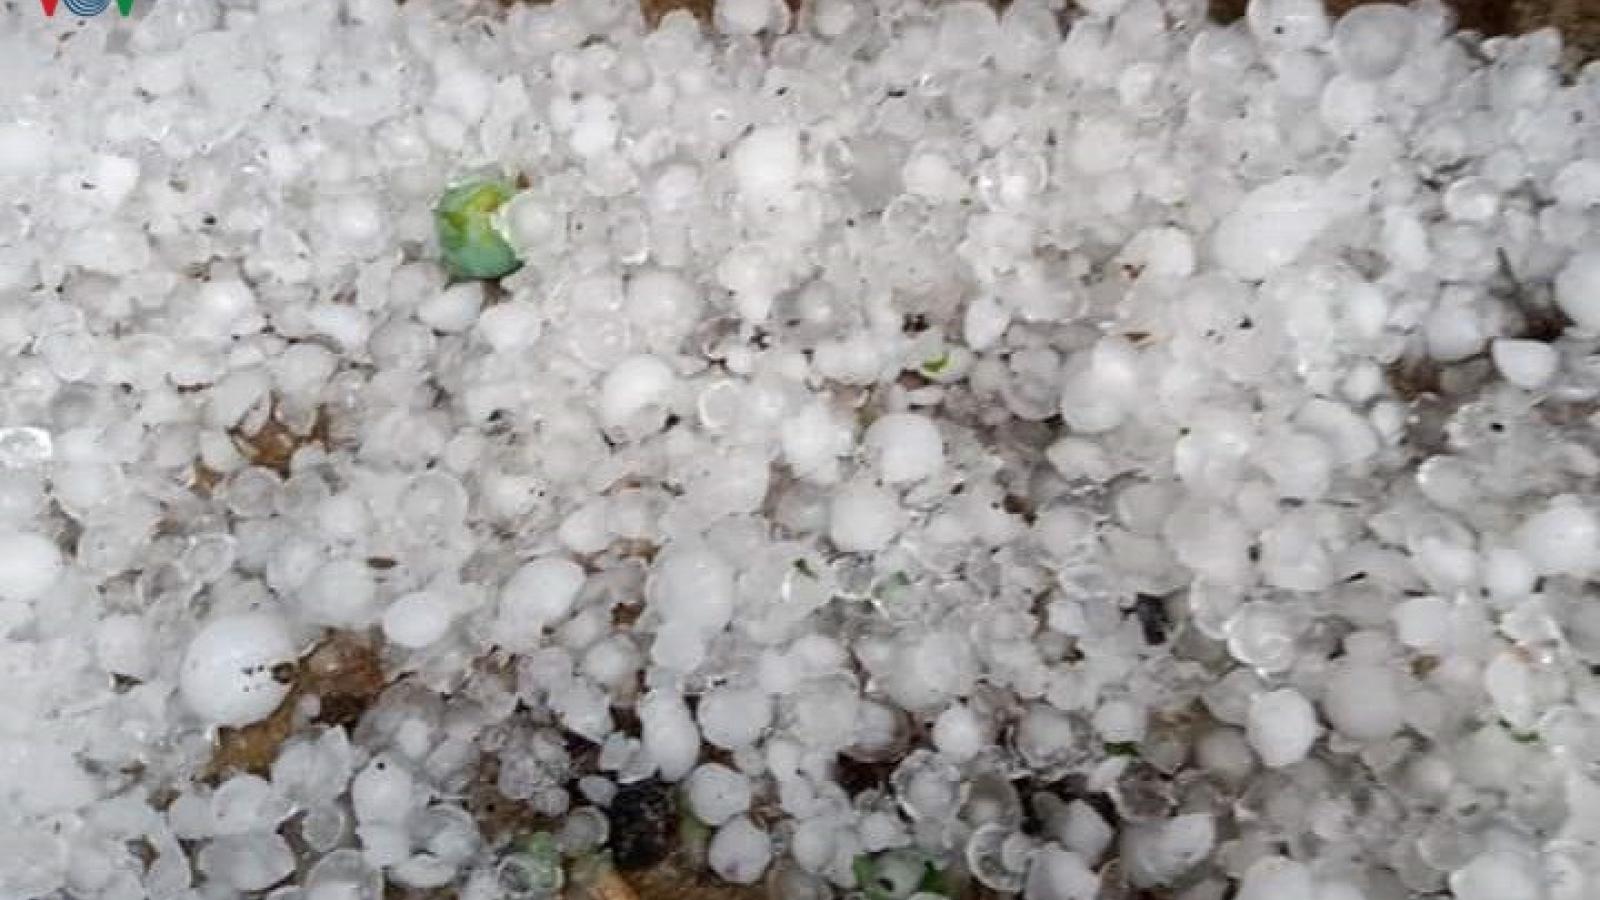 Mưa đá lớn làm thiệt hại hoa màu trên địa bàn huyện Kỳ Sơn, Nghệ An